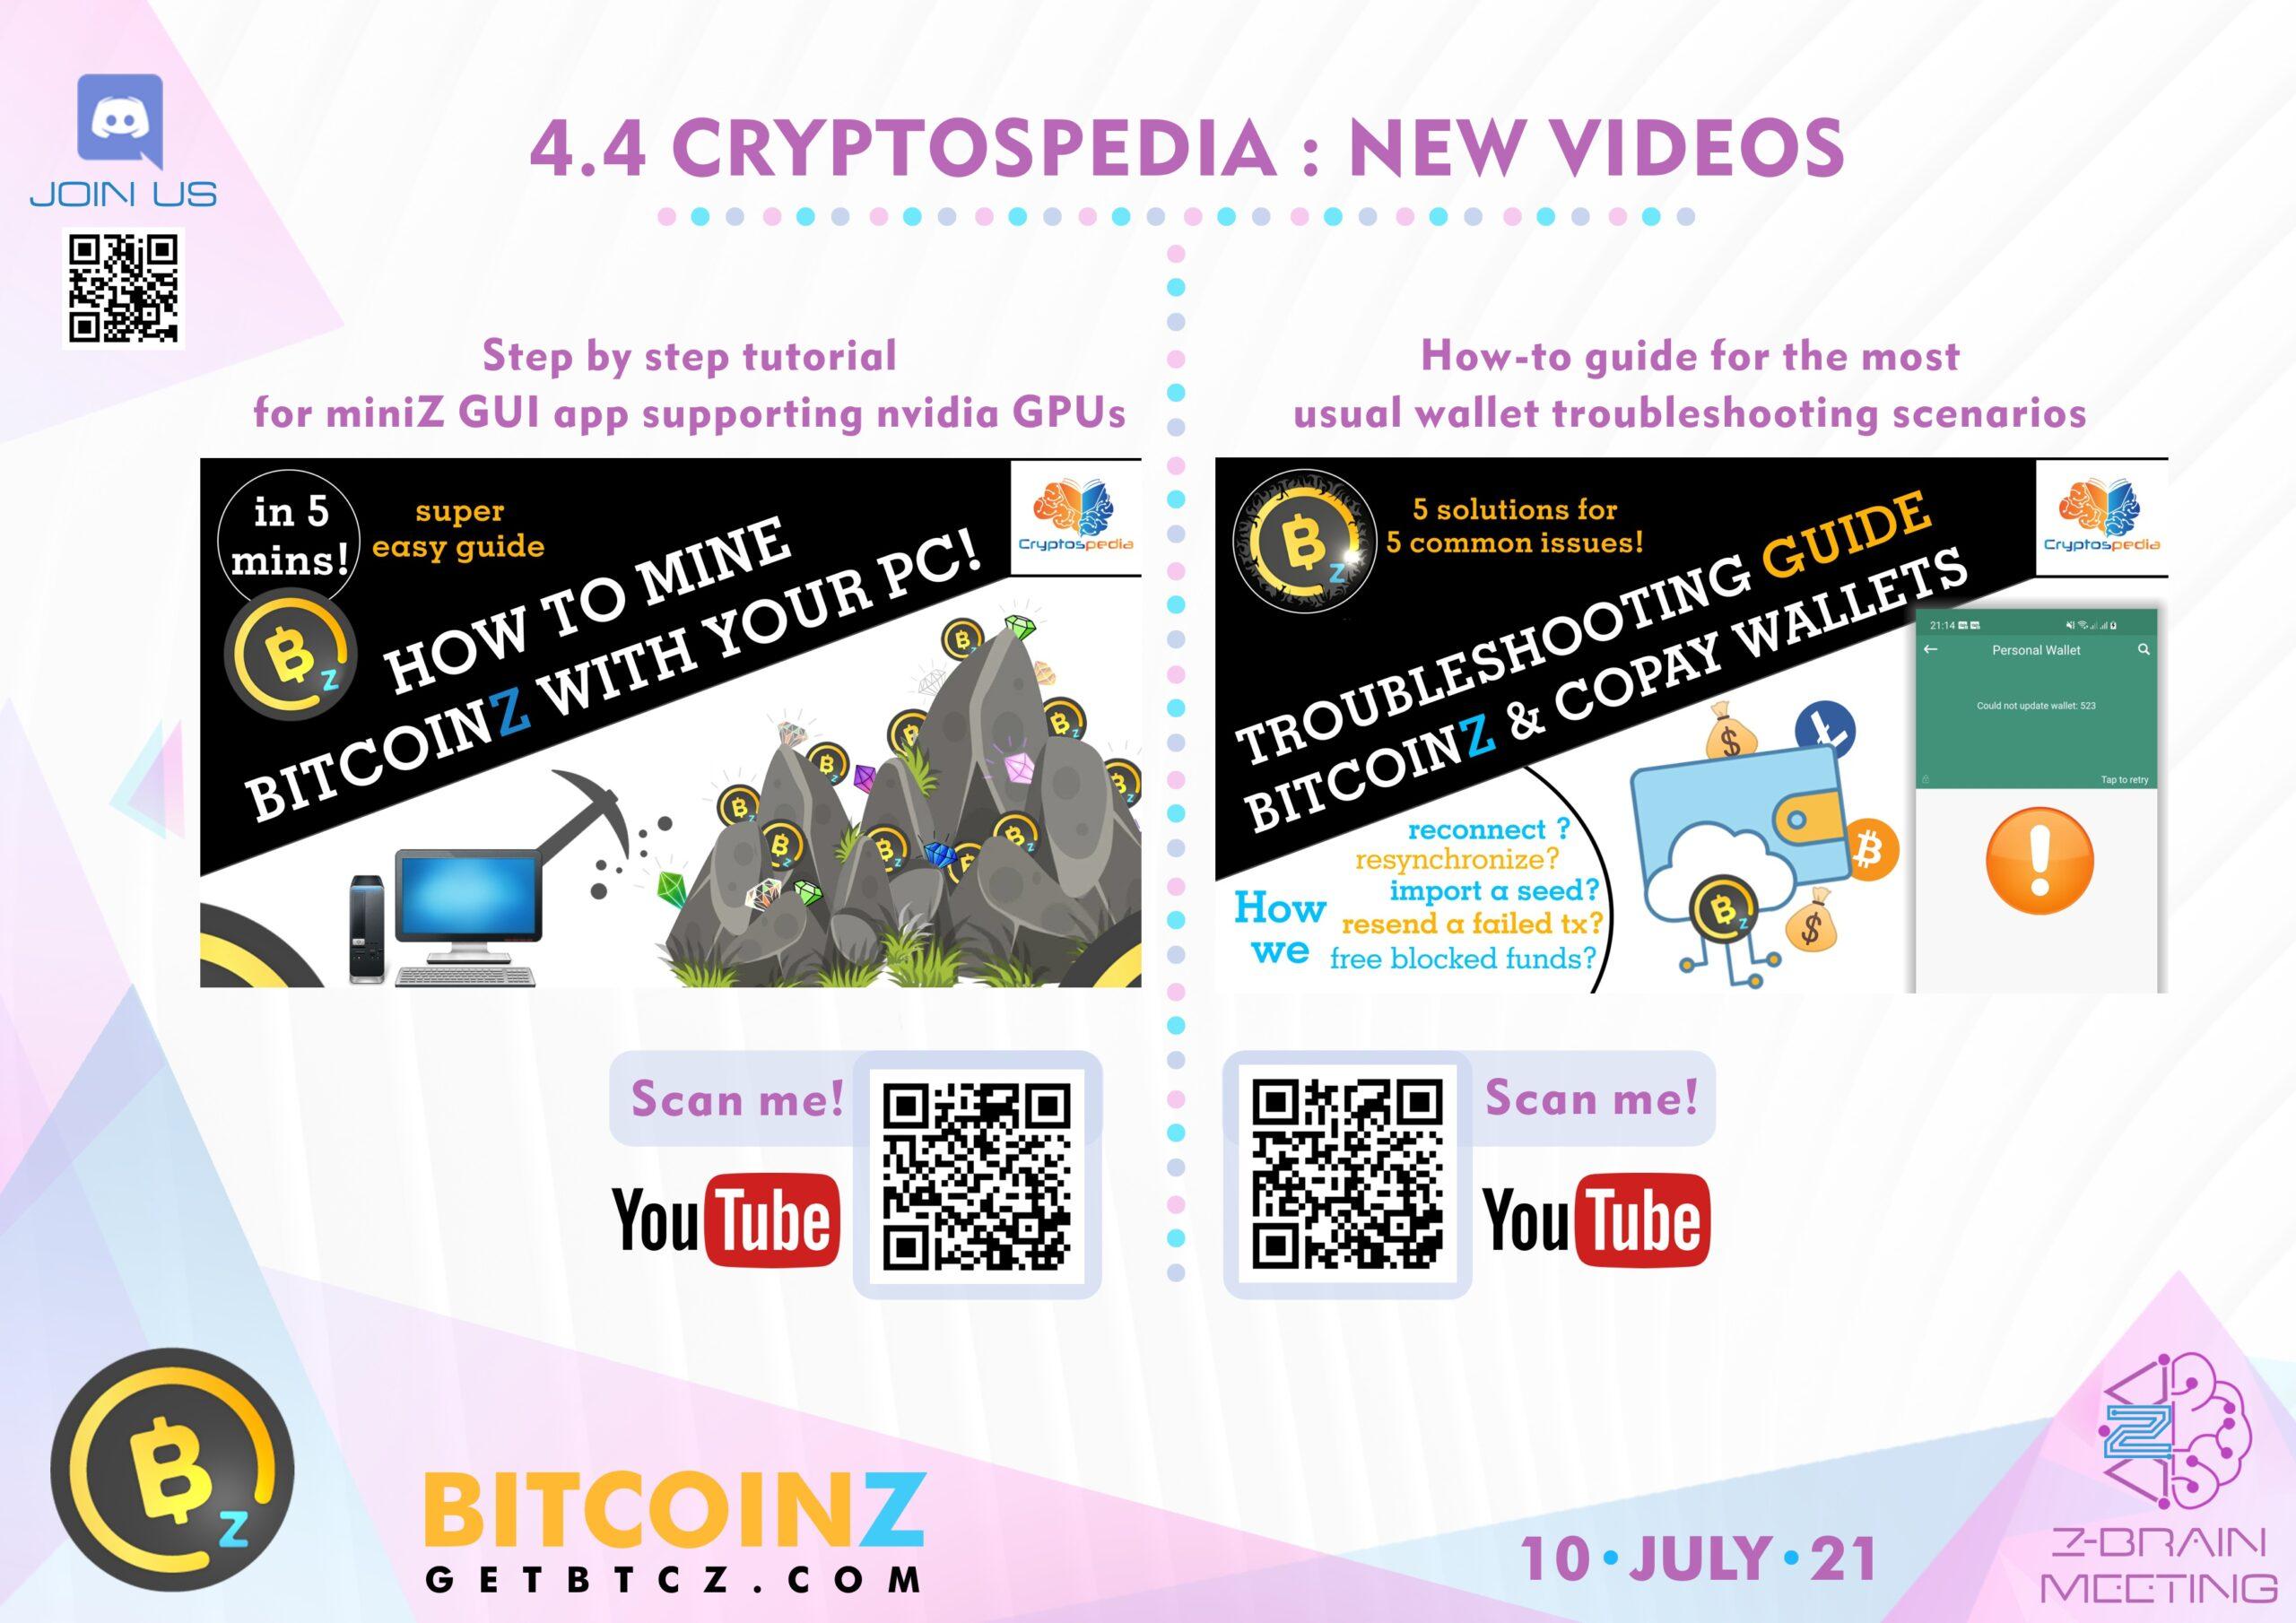 Cryptospedia Videos